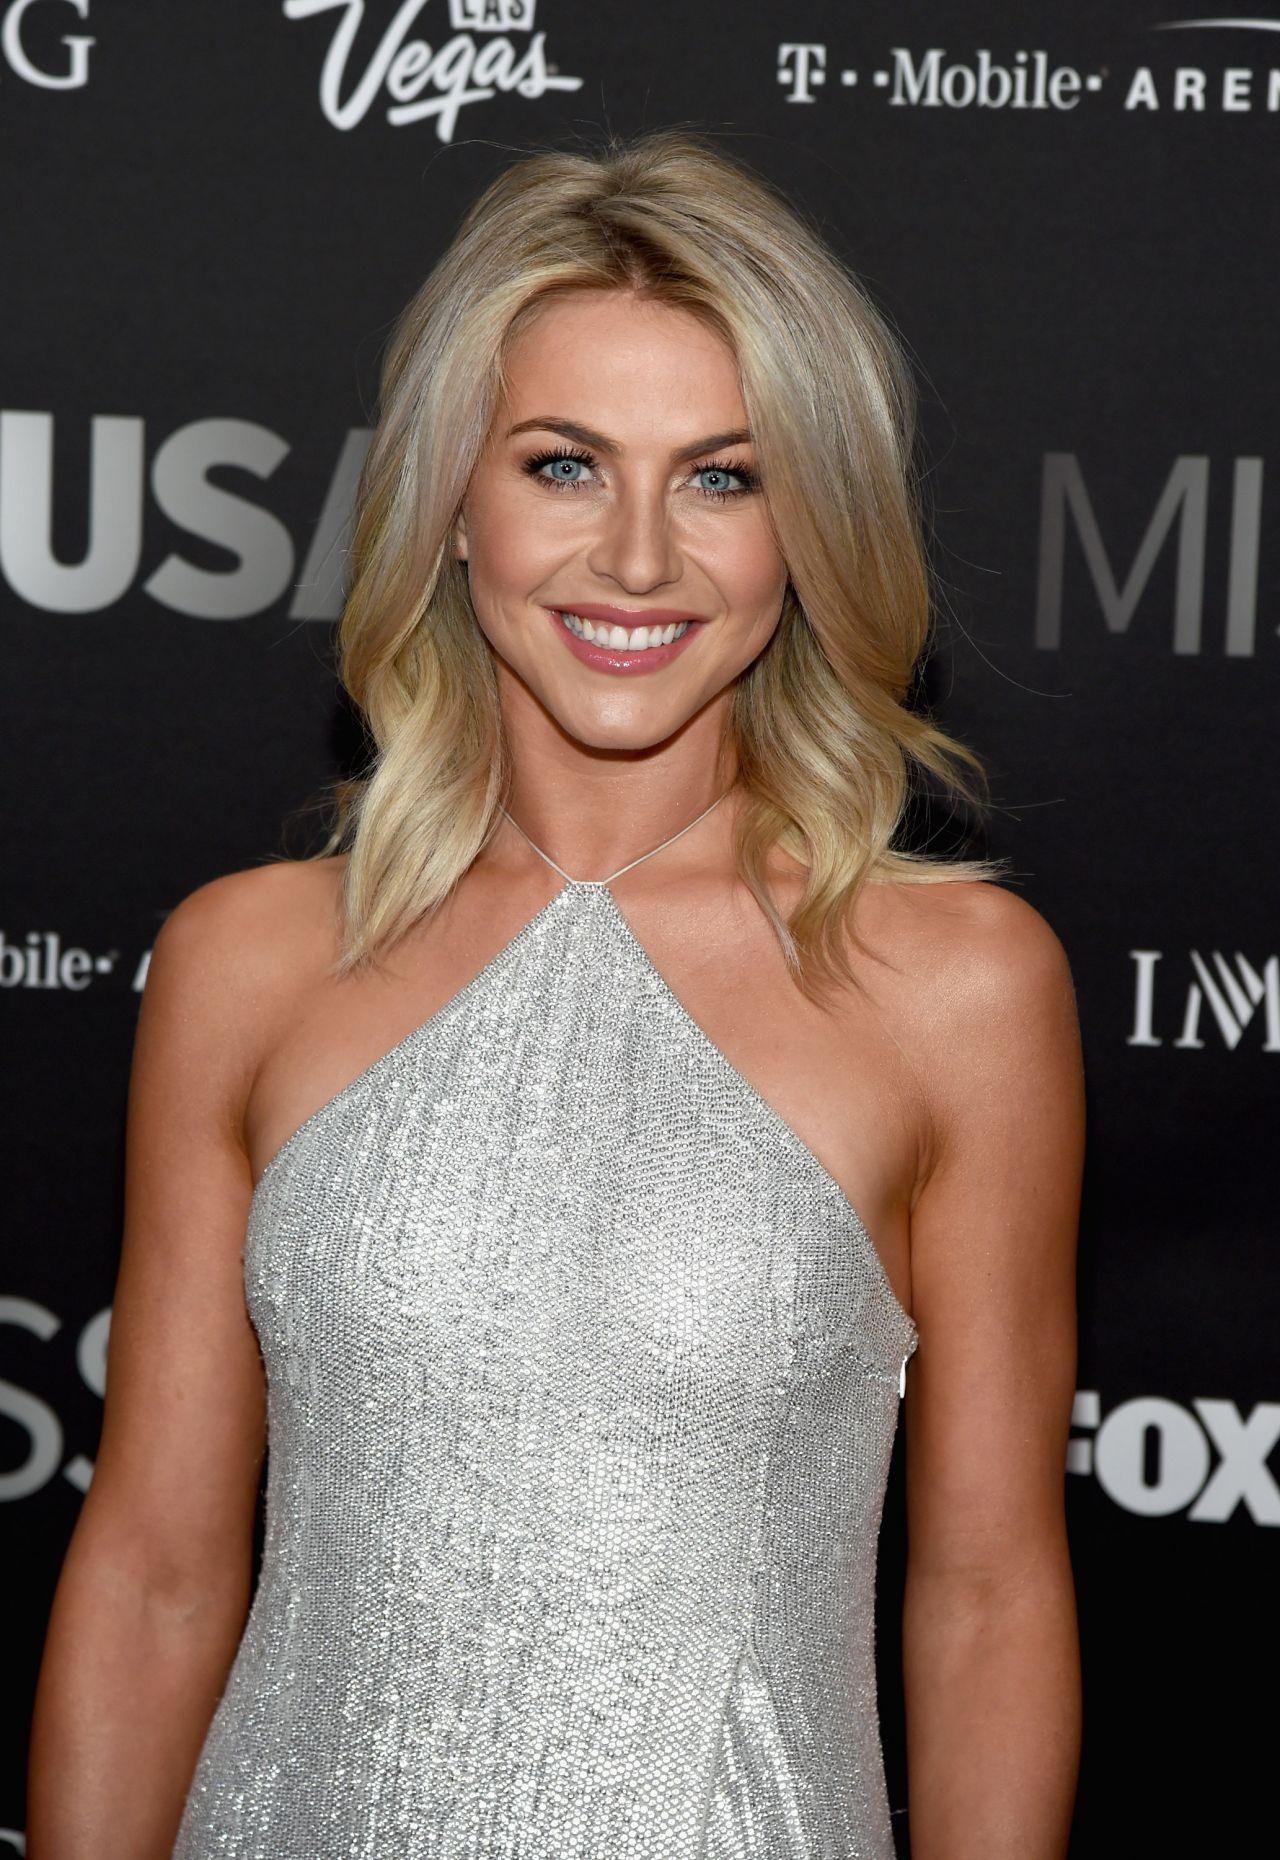 Julianne Hough 2016 Miss Usa Pageant In Las Vegas